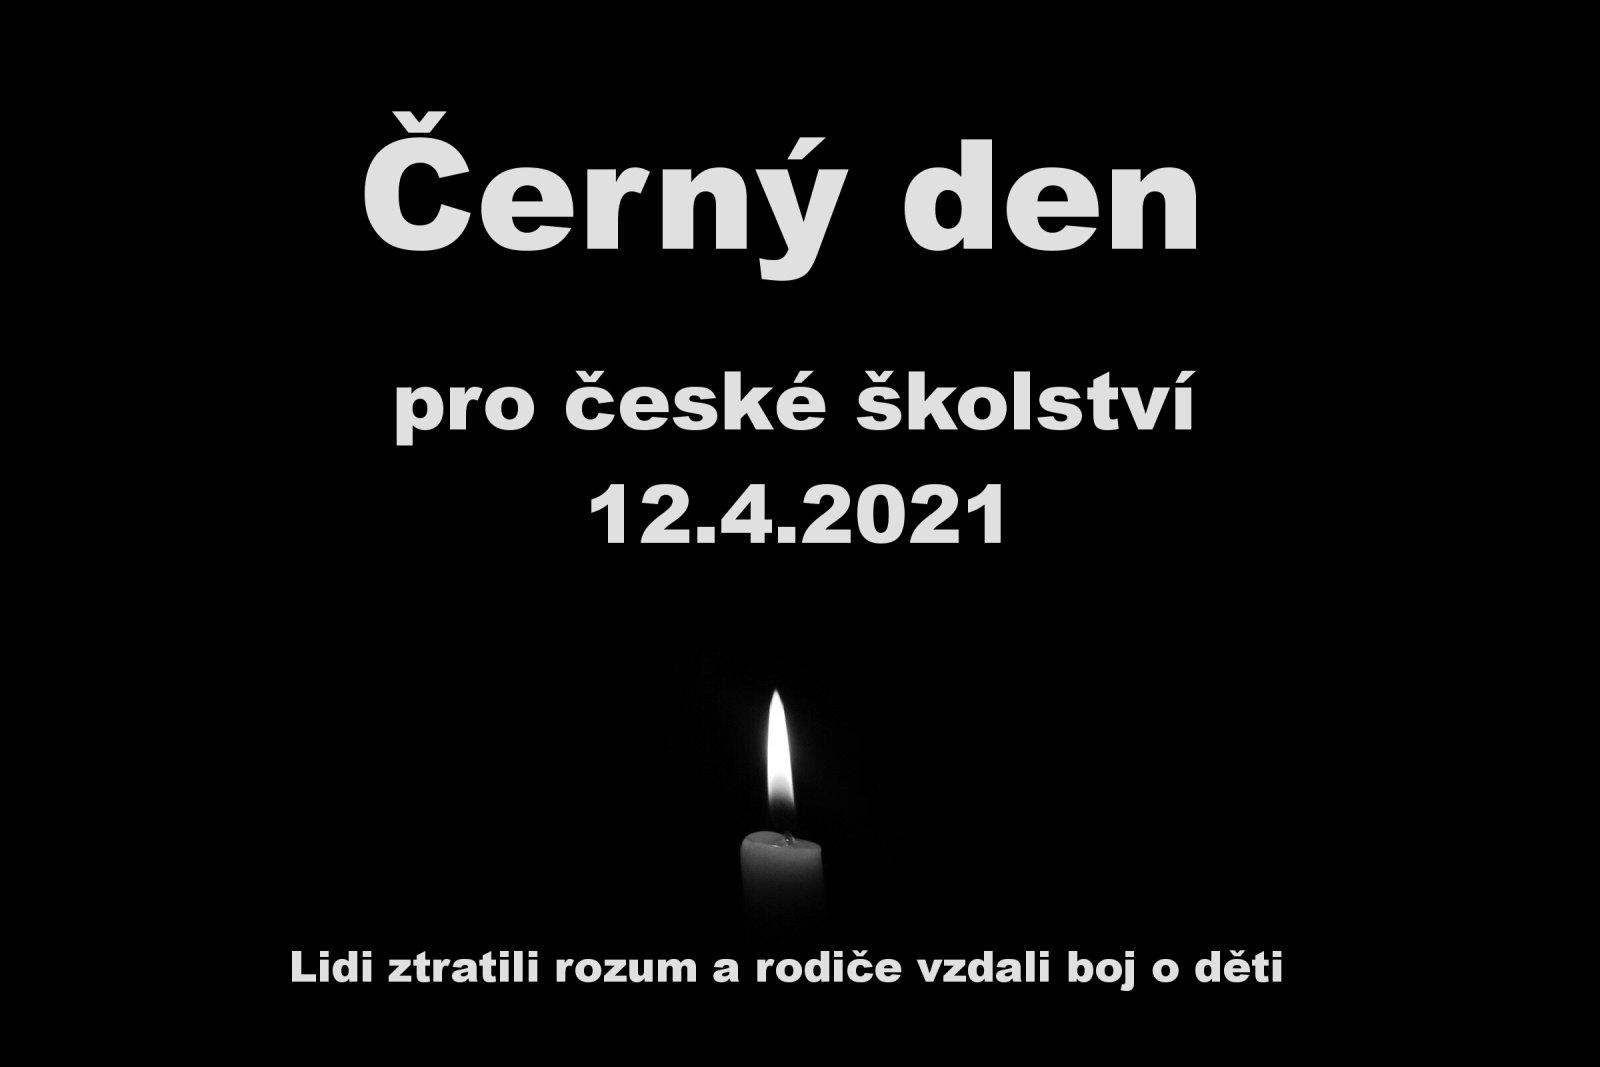 Černý den pro české školství